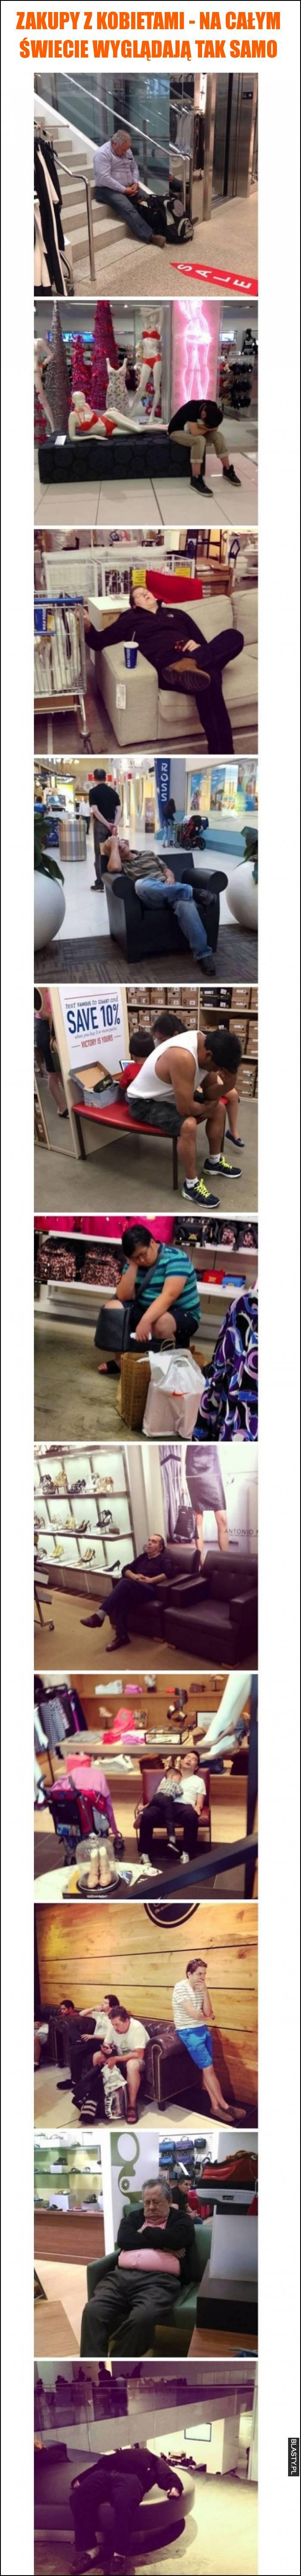 Zakupy z kobietami - na całym świecie wyglądają tak samo